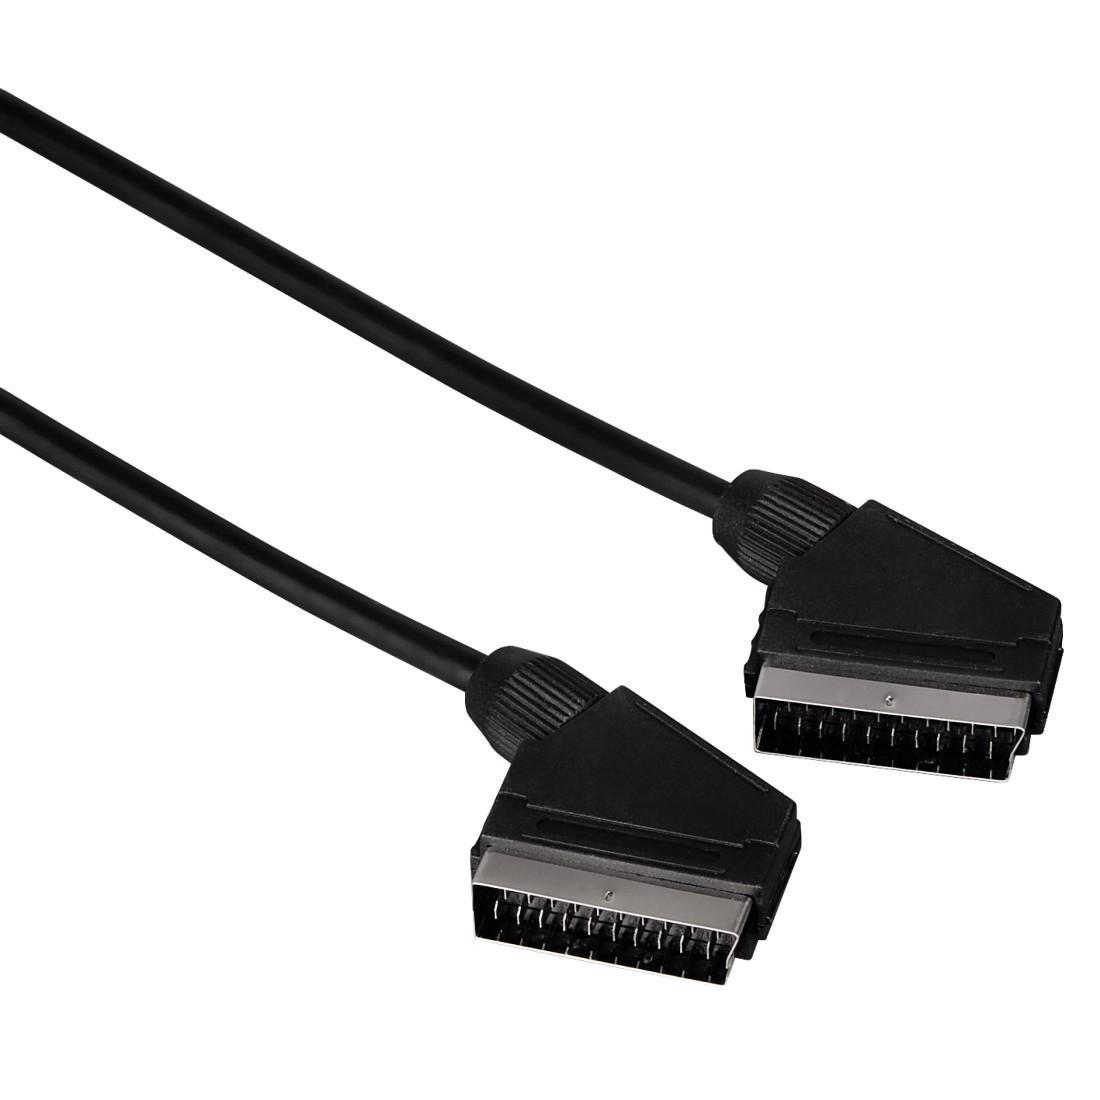 Видео кабел HAMA 11951, Скарт-Скарт, 1.5м